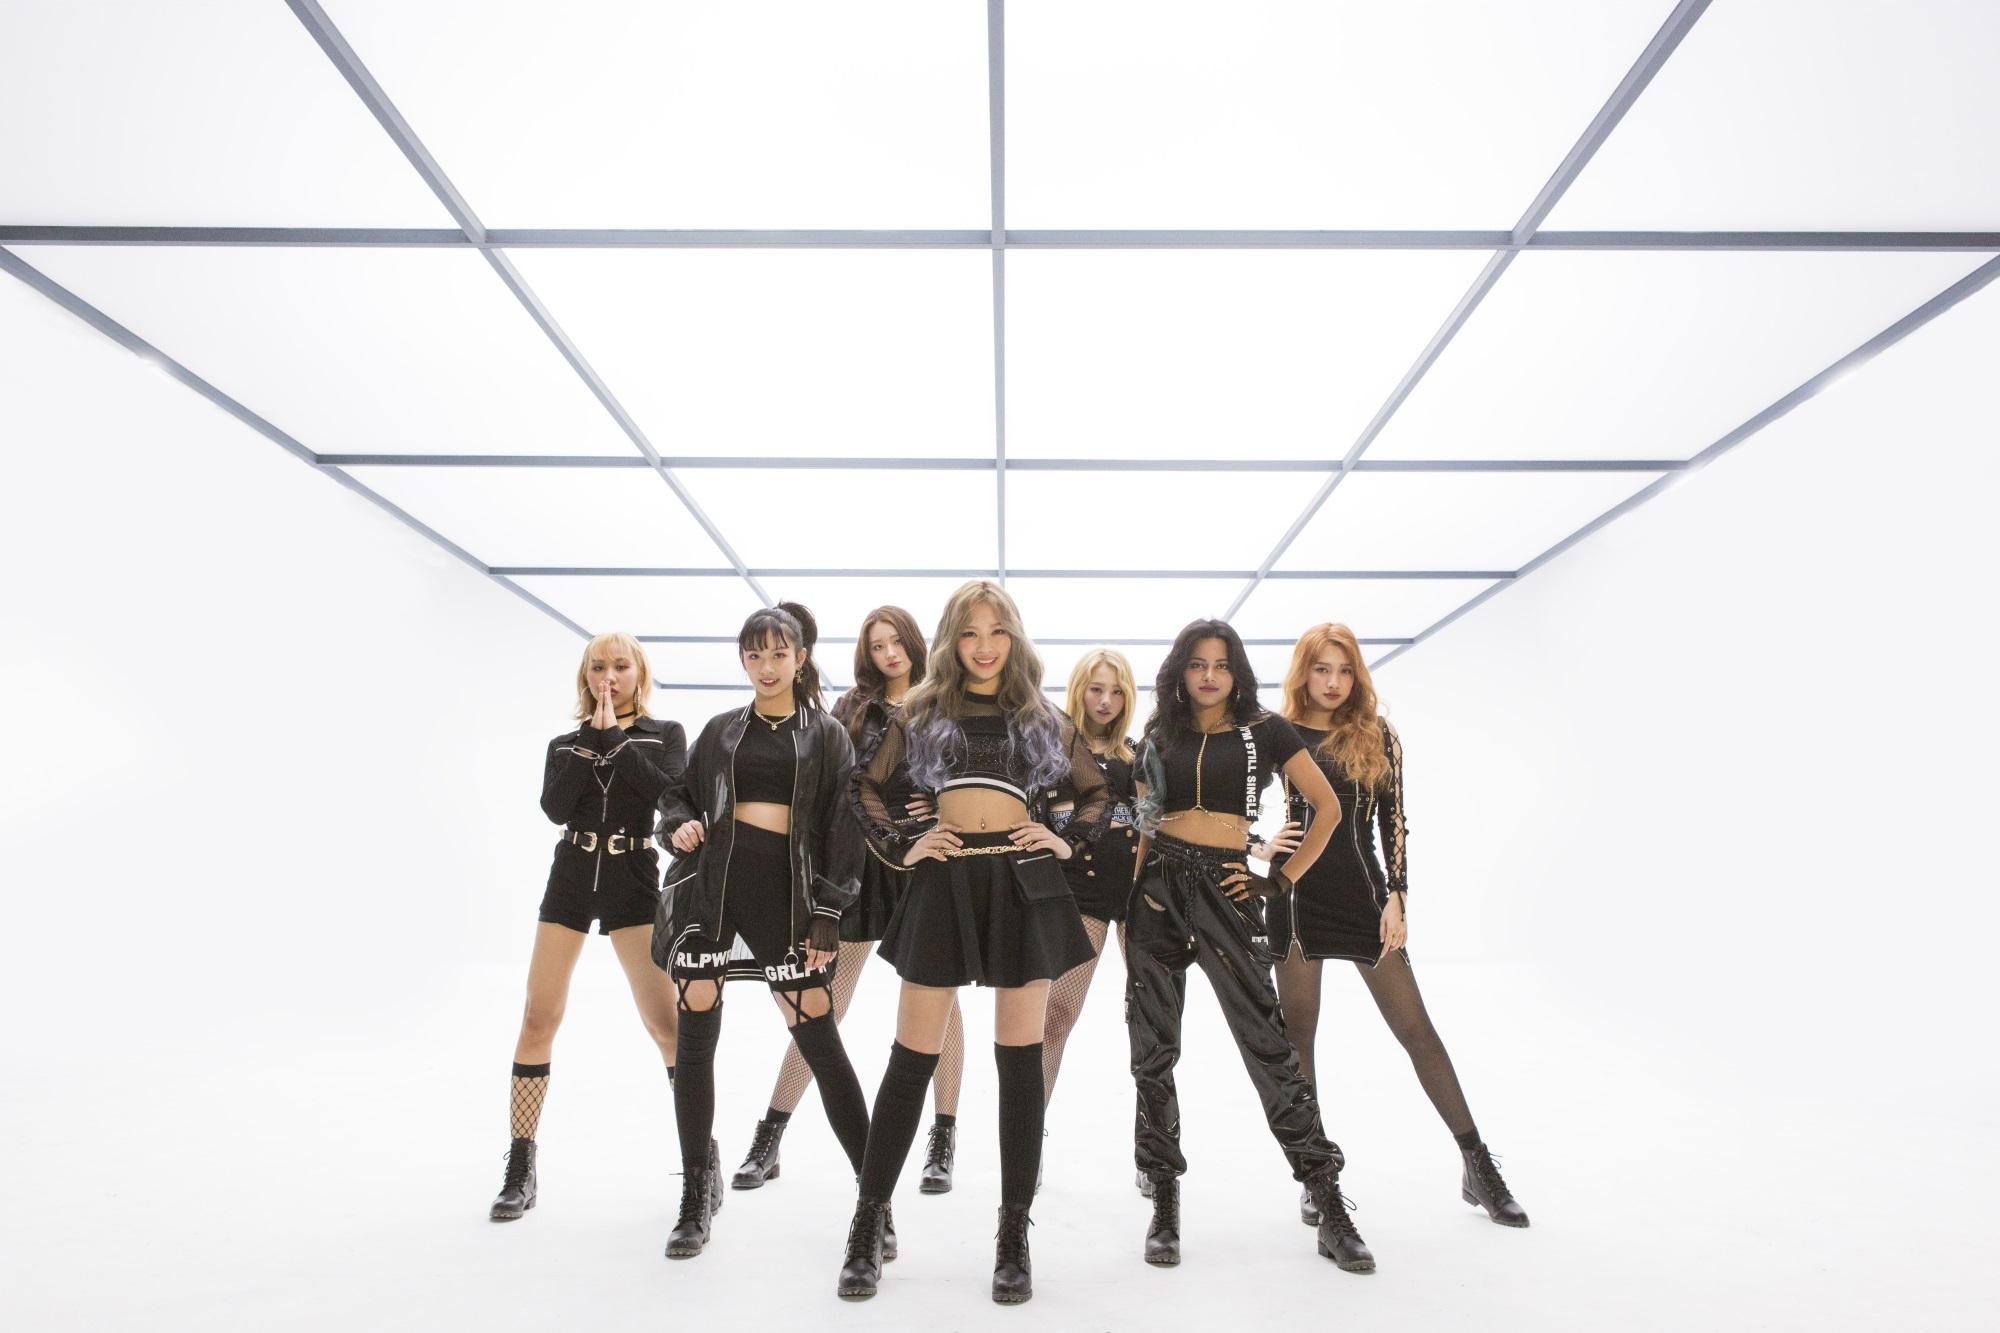 Hai nhóm nhạc đa quốc tịch có thành viên người Việt Z -Boys, Z-Girls tiết lộ hoạt động đầu tiên tại Việt Nam - Ảnh 3